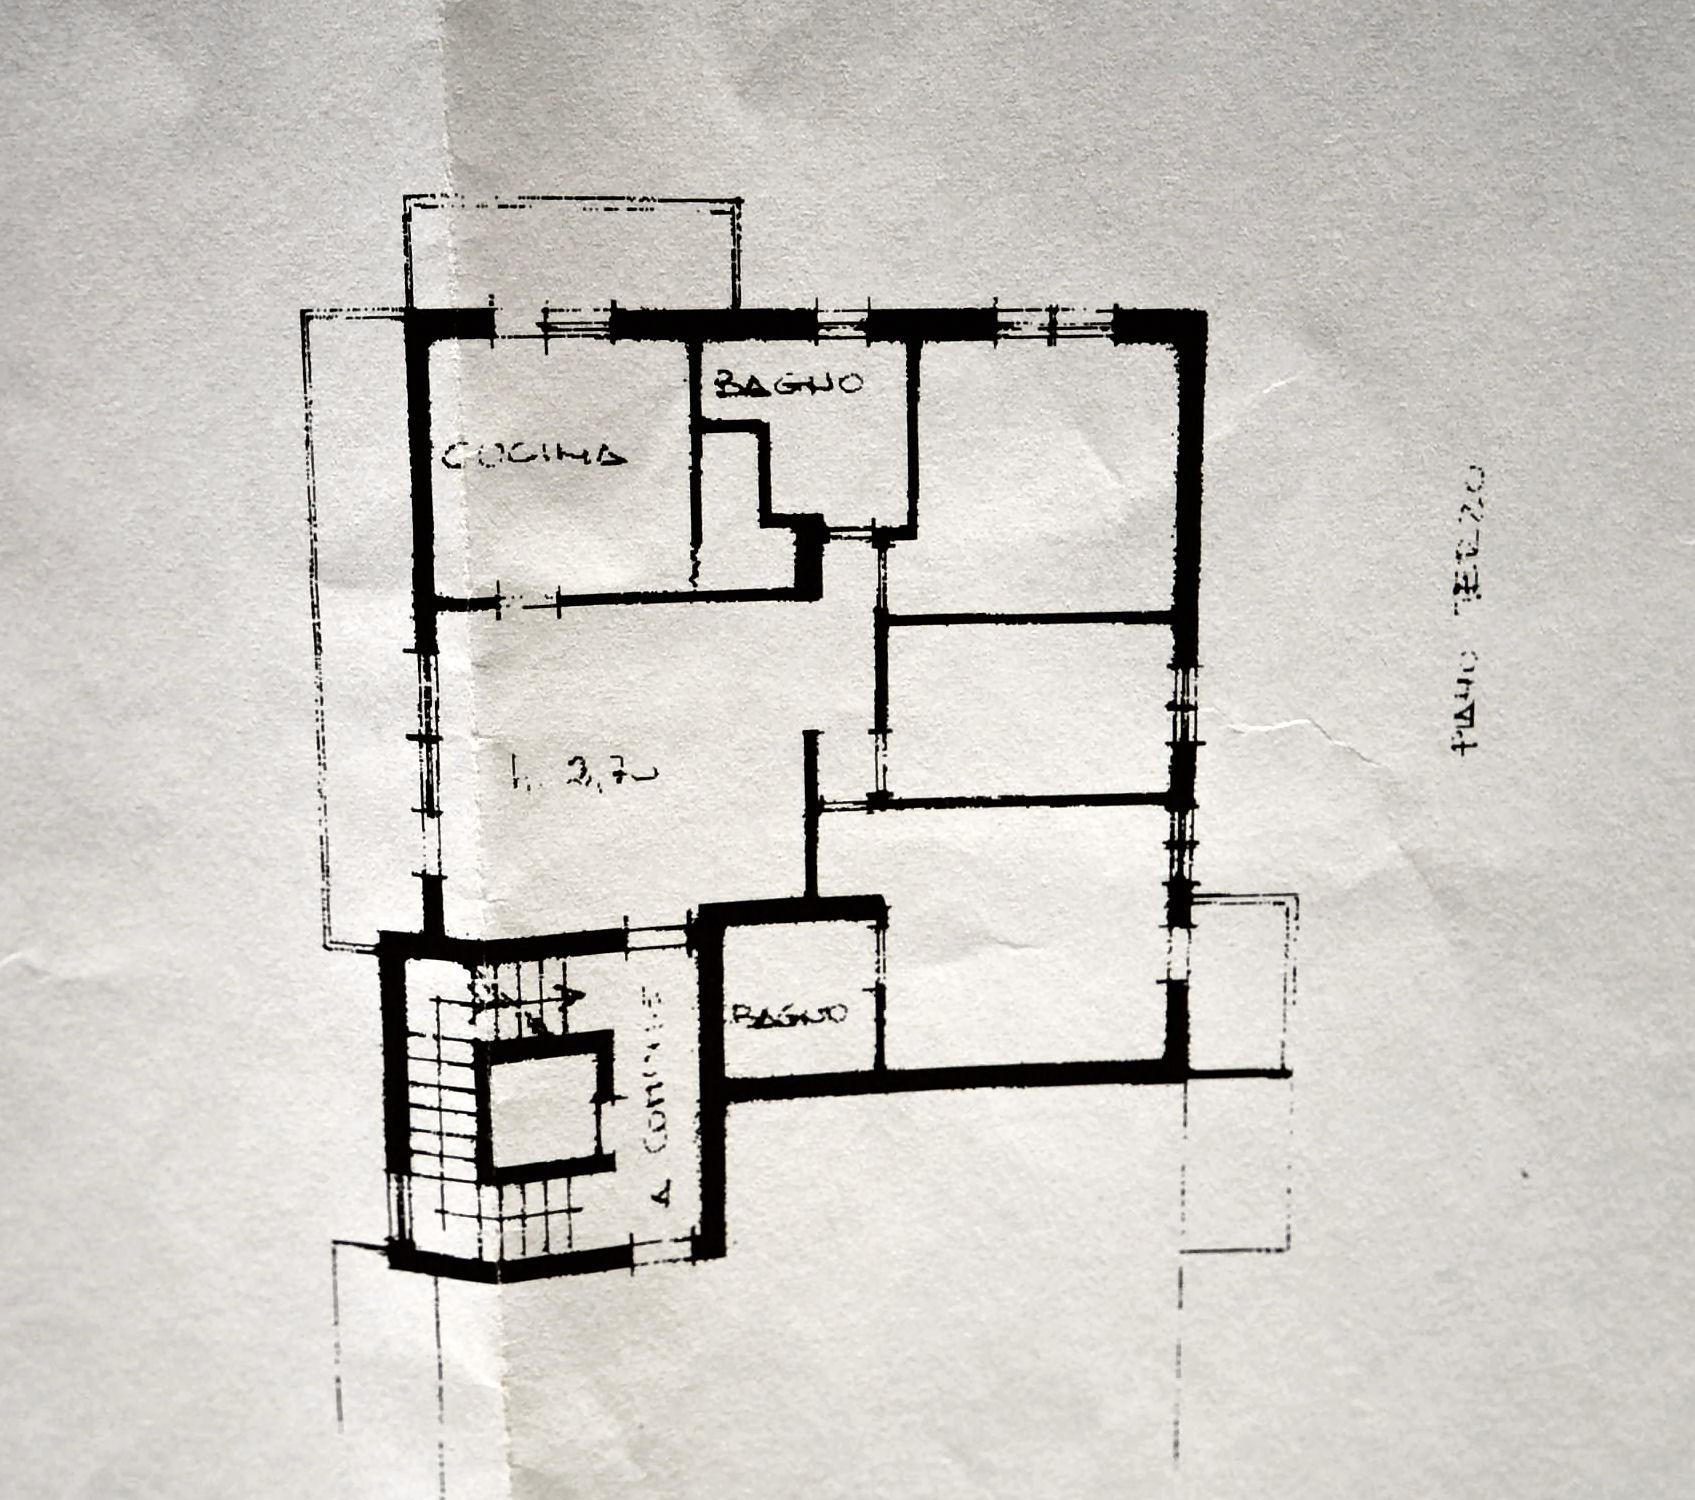 Appartamento in vendita, rif. 02383 (Planimetria 1/1)